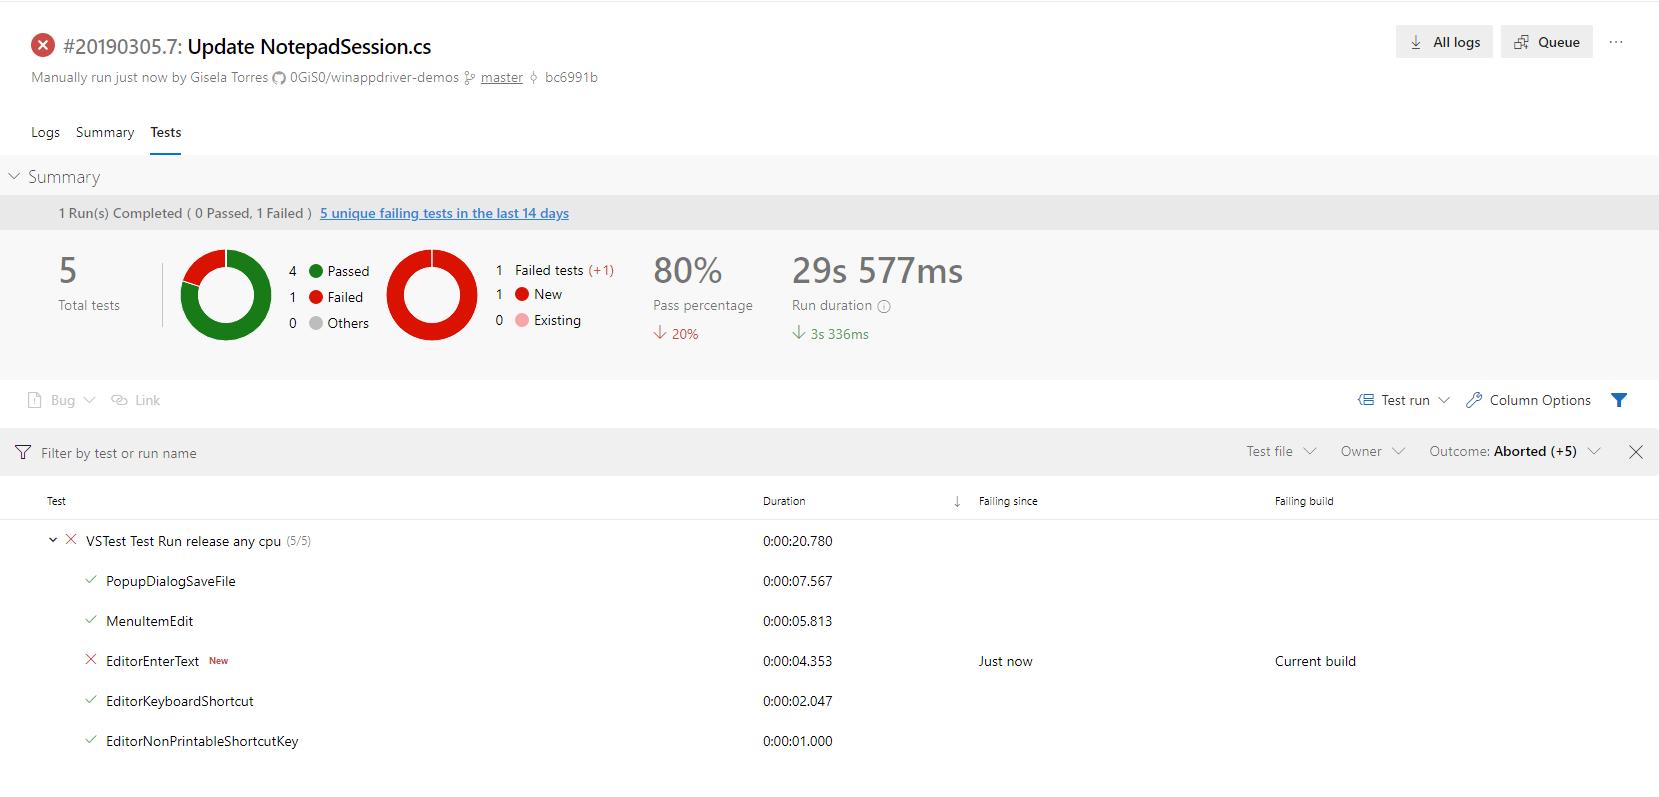 Automatizar tus tests con WinAppDriver con Azure DevOps | return(GiS)